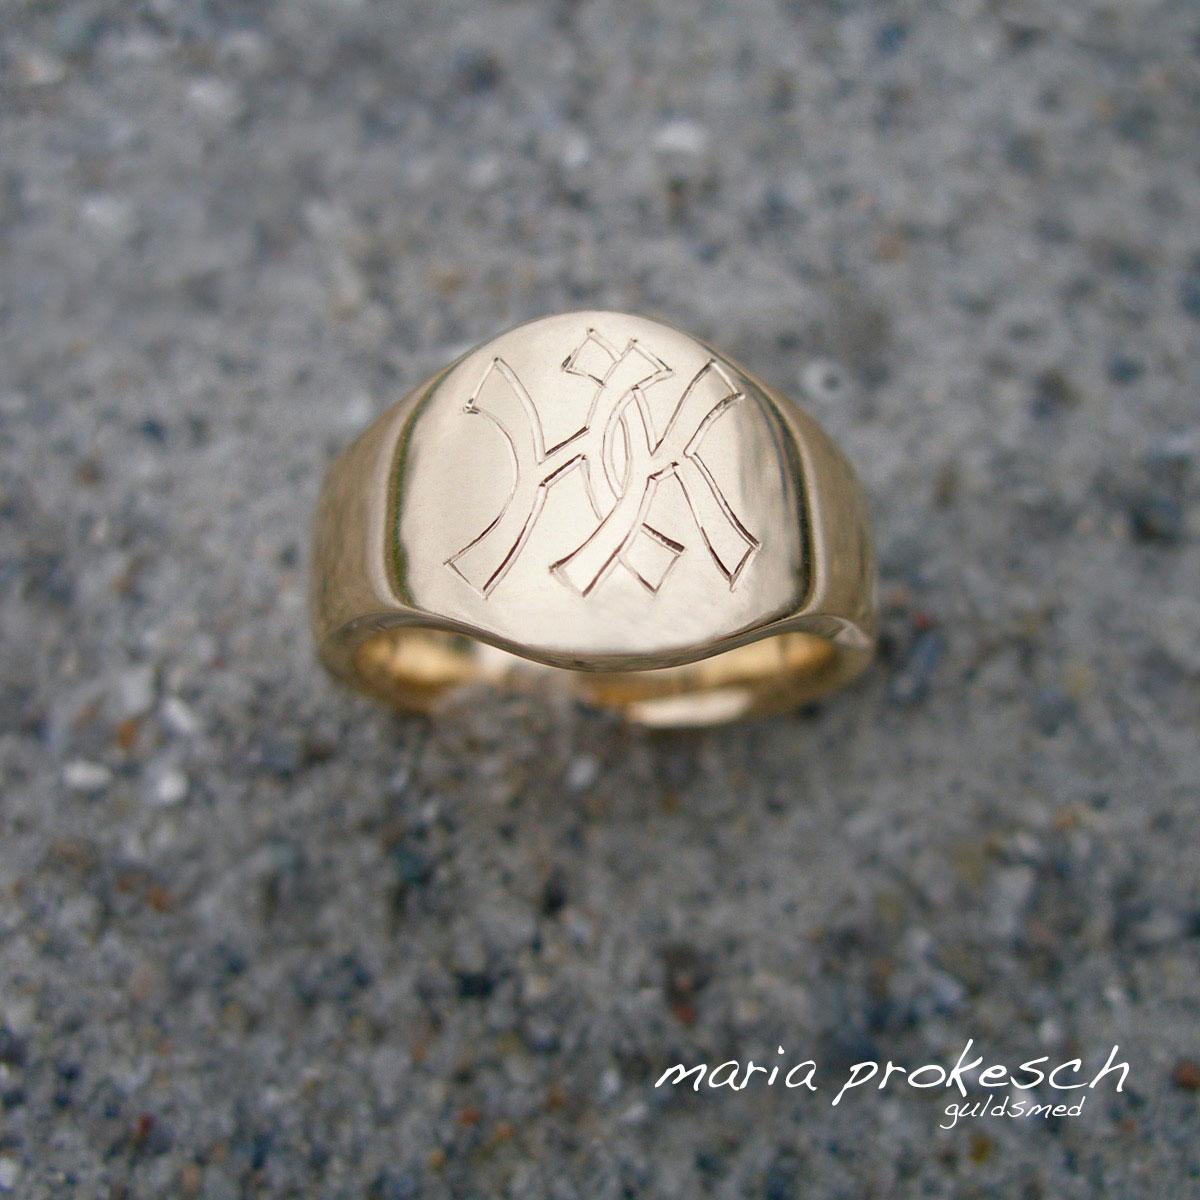 Herresmykke, herrering i guld med bogstaver som monogram . Håndlavet på eget værksted